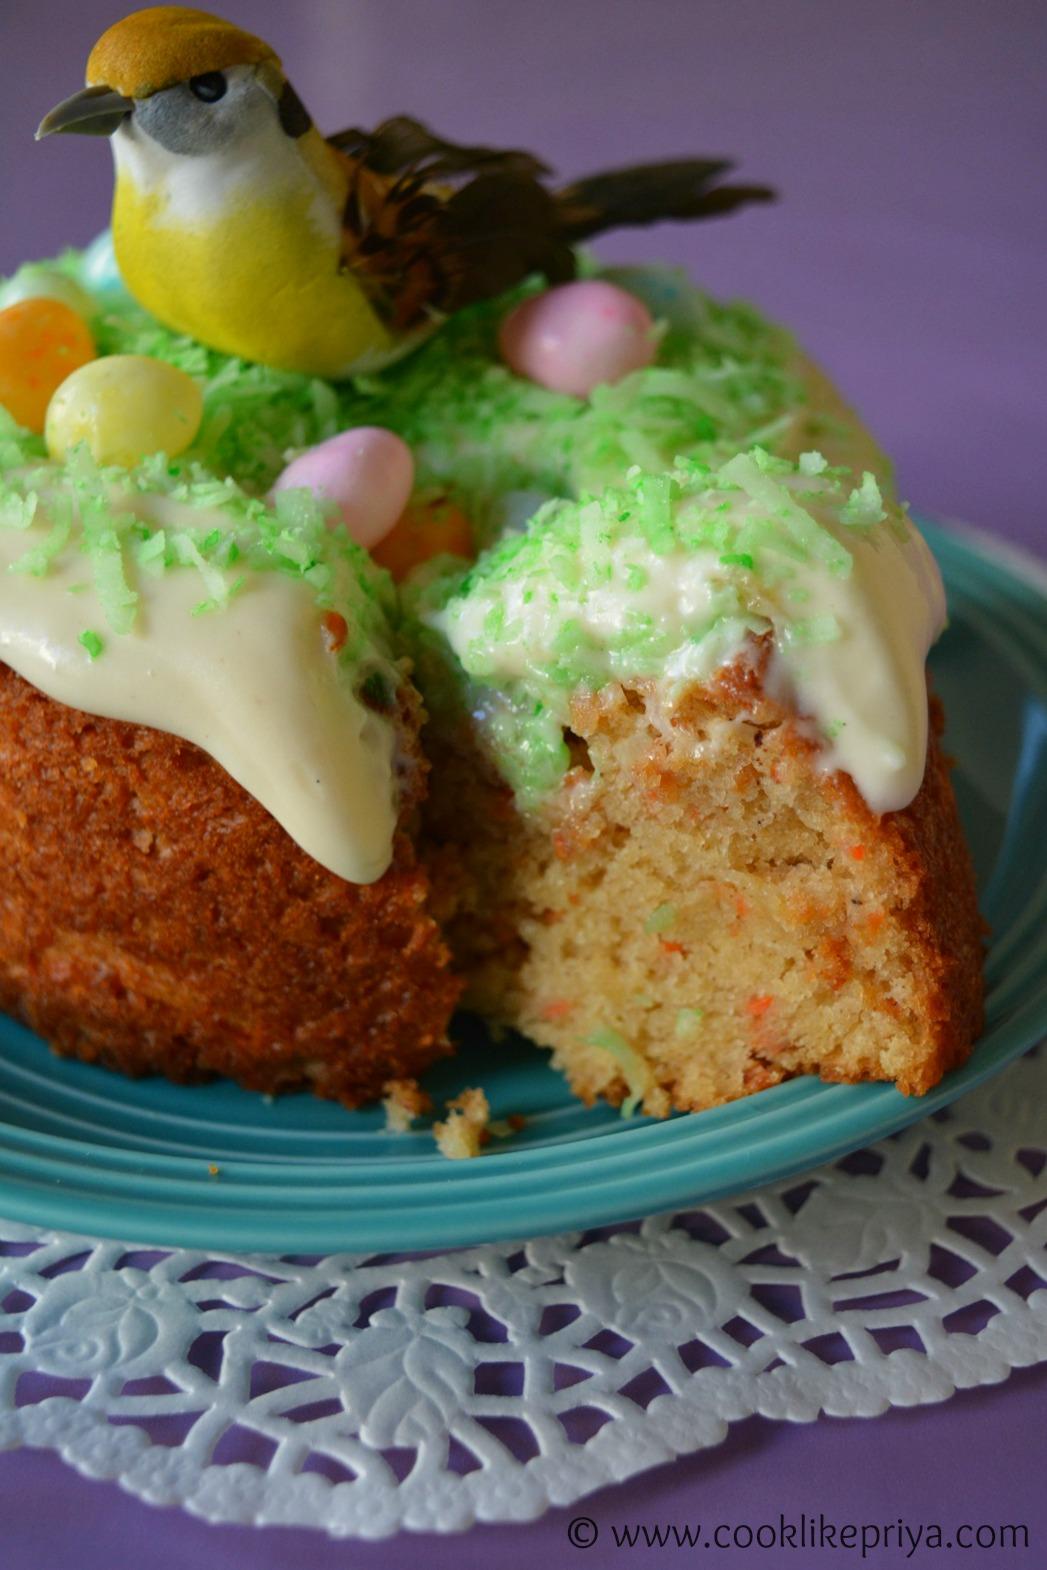 Butterless Carrot Cake